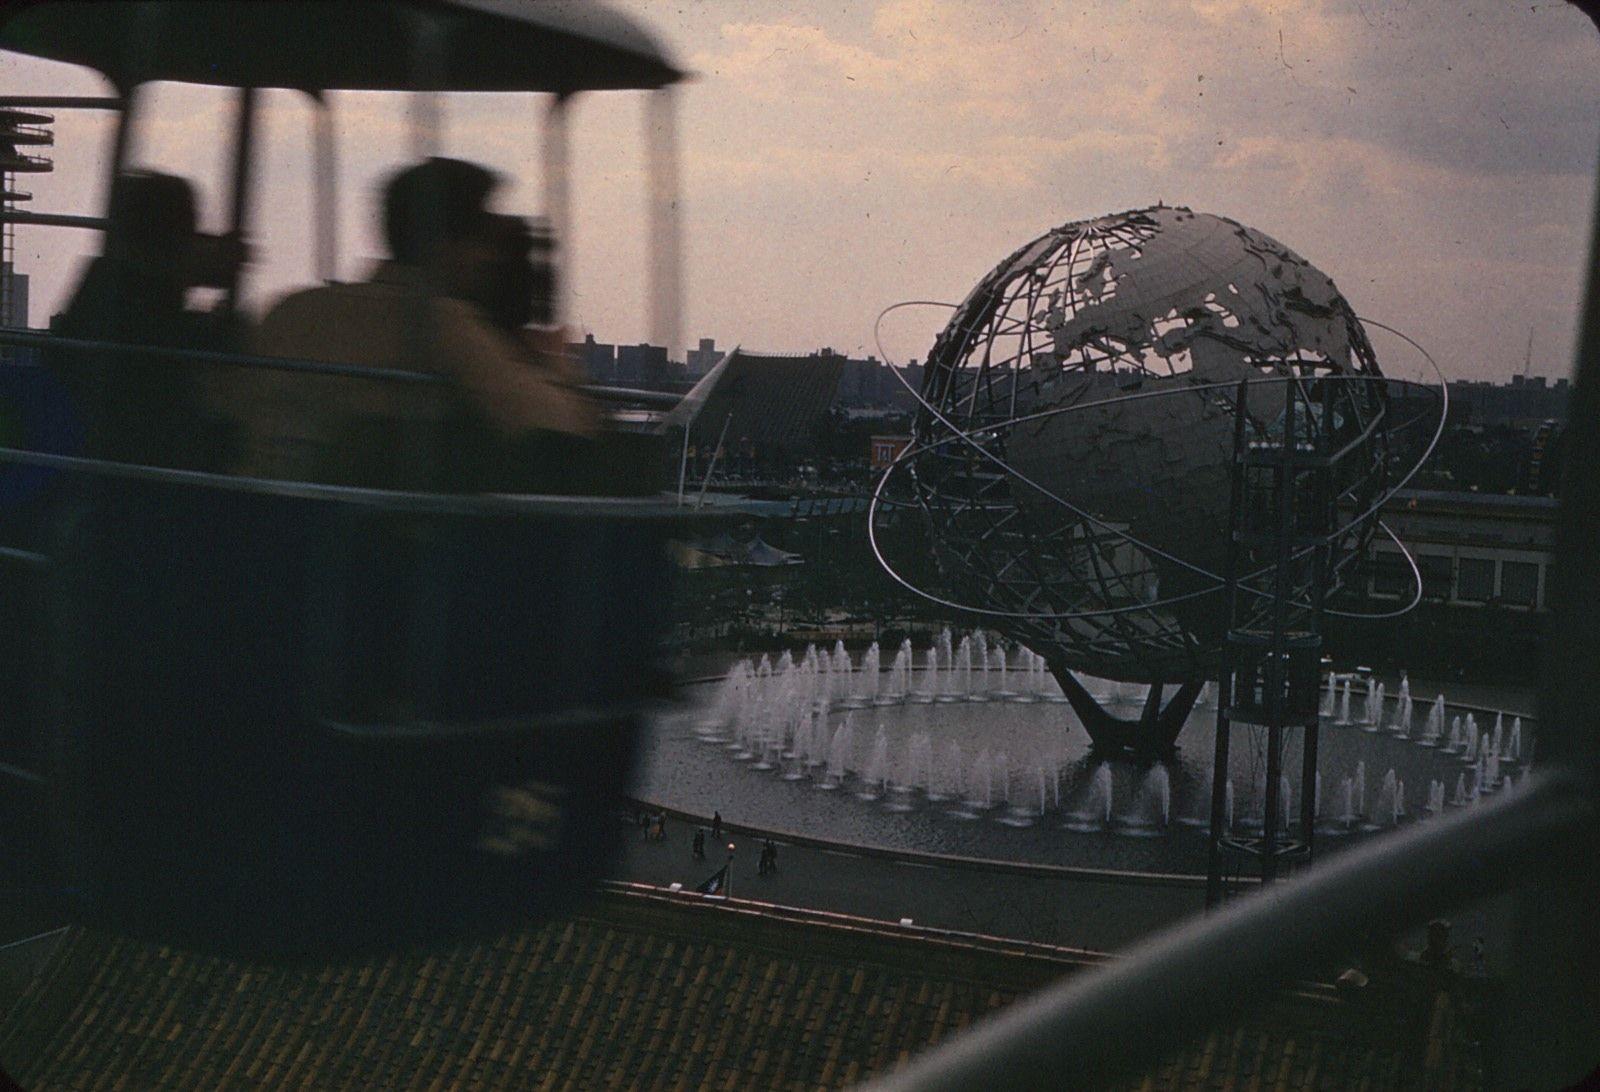 64_Worlds Fair 19_Richard Grier.jpg